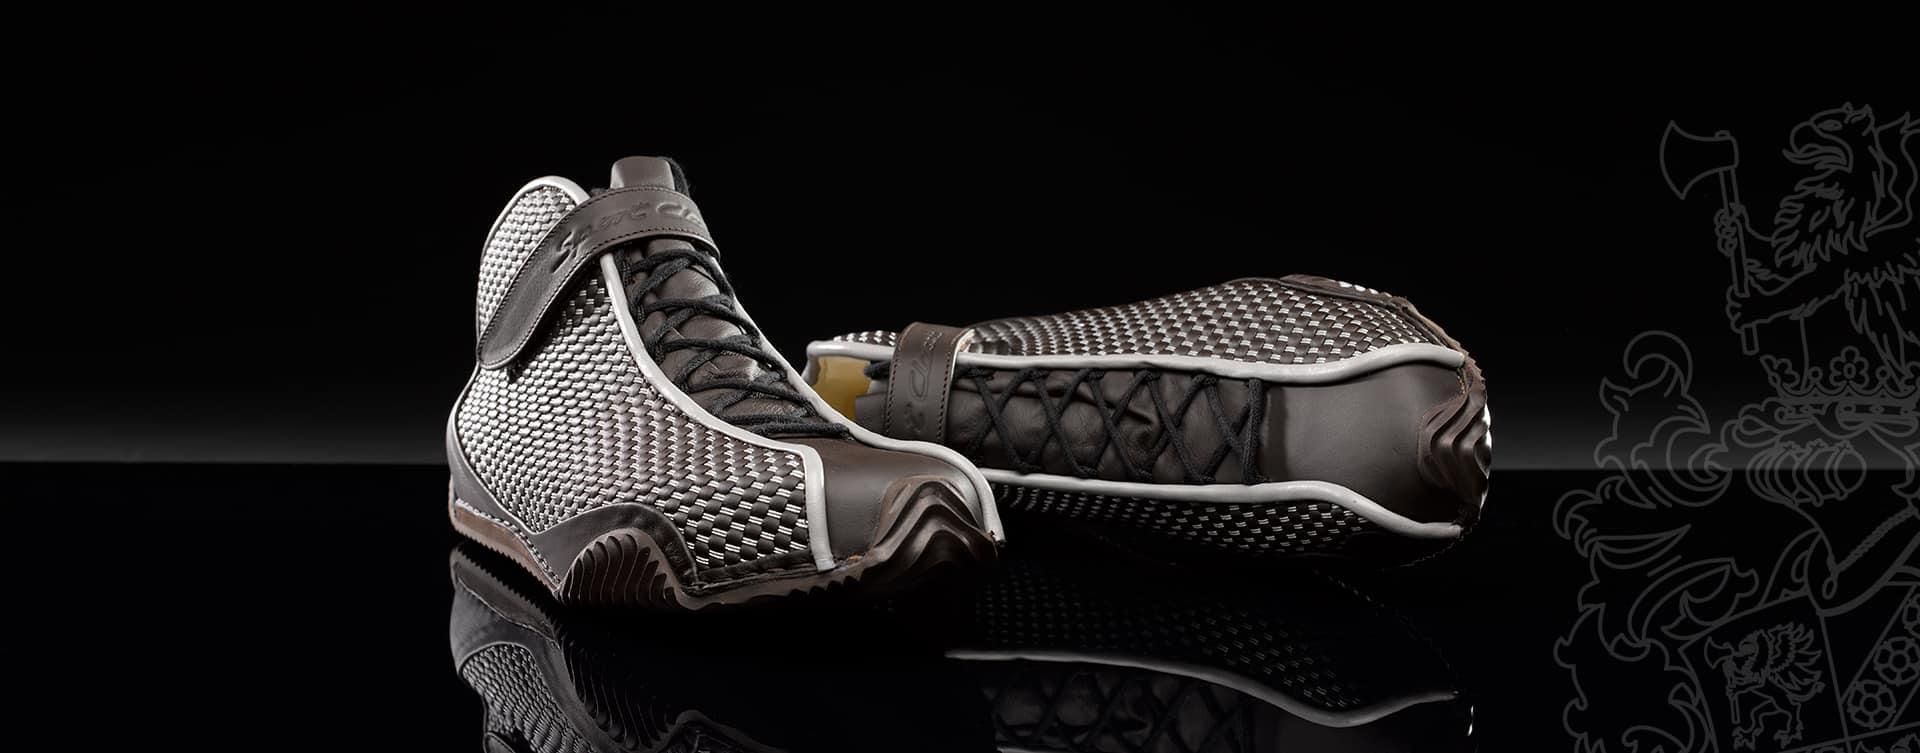 Im Schuhbereich gibt es verschiedene Arten das Obermaterial, den sogenannten Schaft mit der Zwischensohle zu verbinden. Die haltbarste Verbindung ist eine Naht.